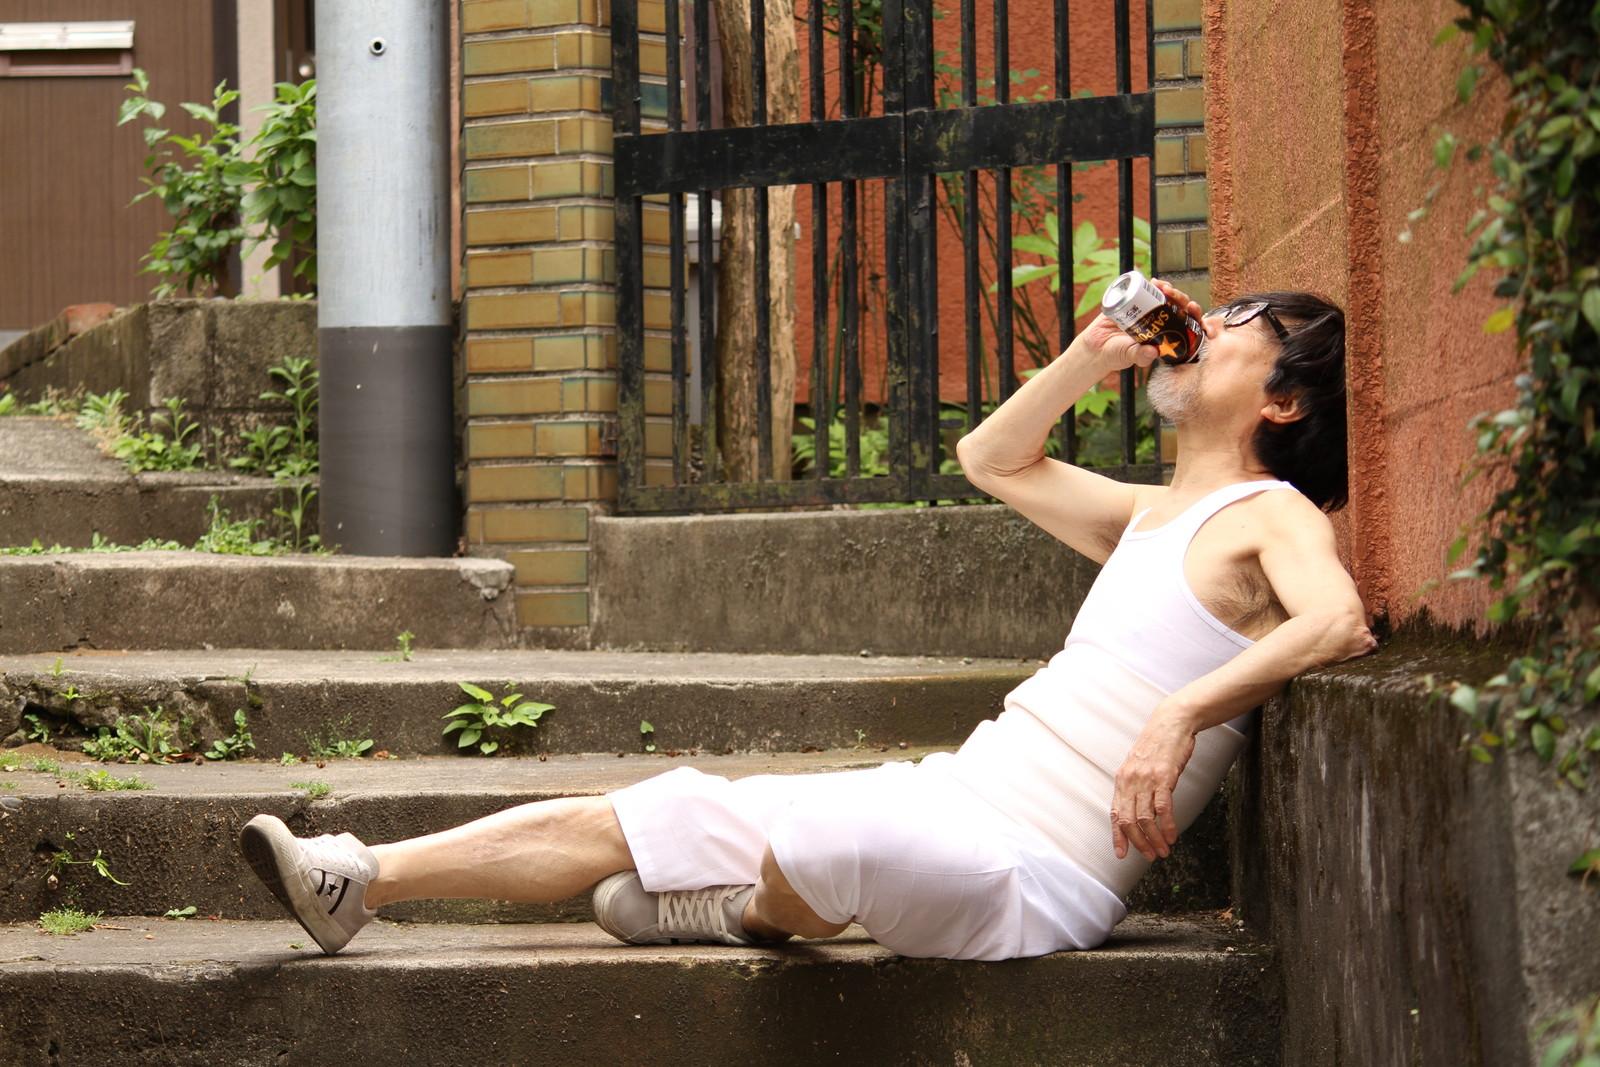 今日はとことん飲みたい気分なの。